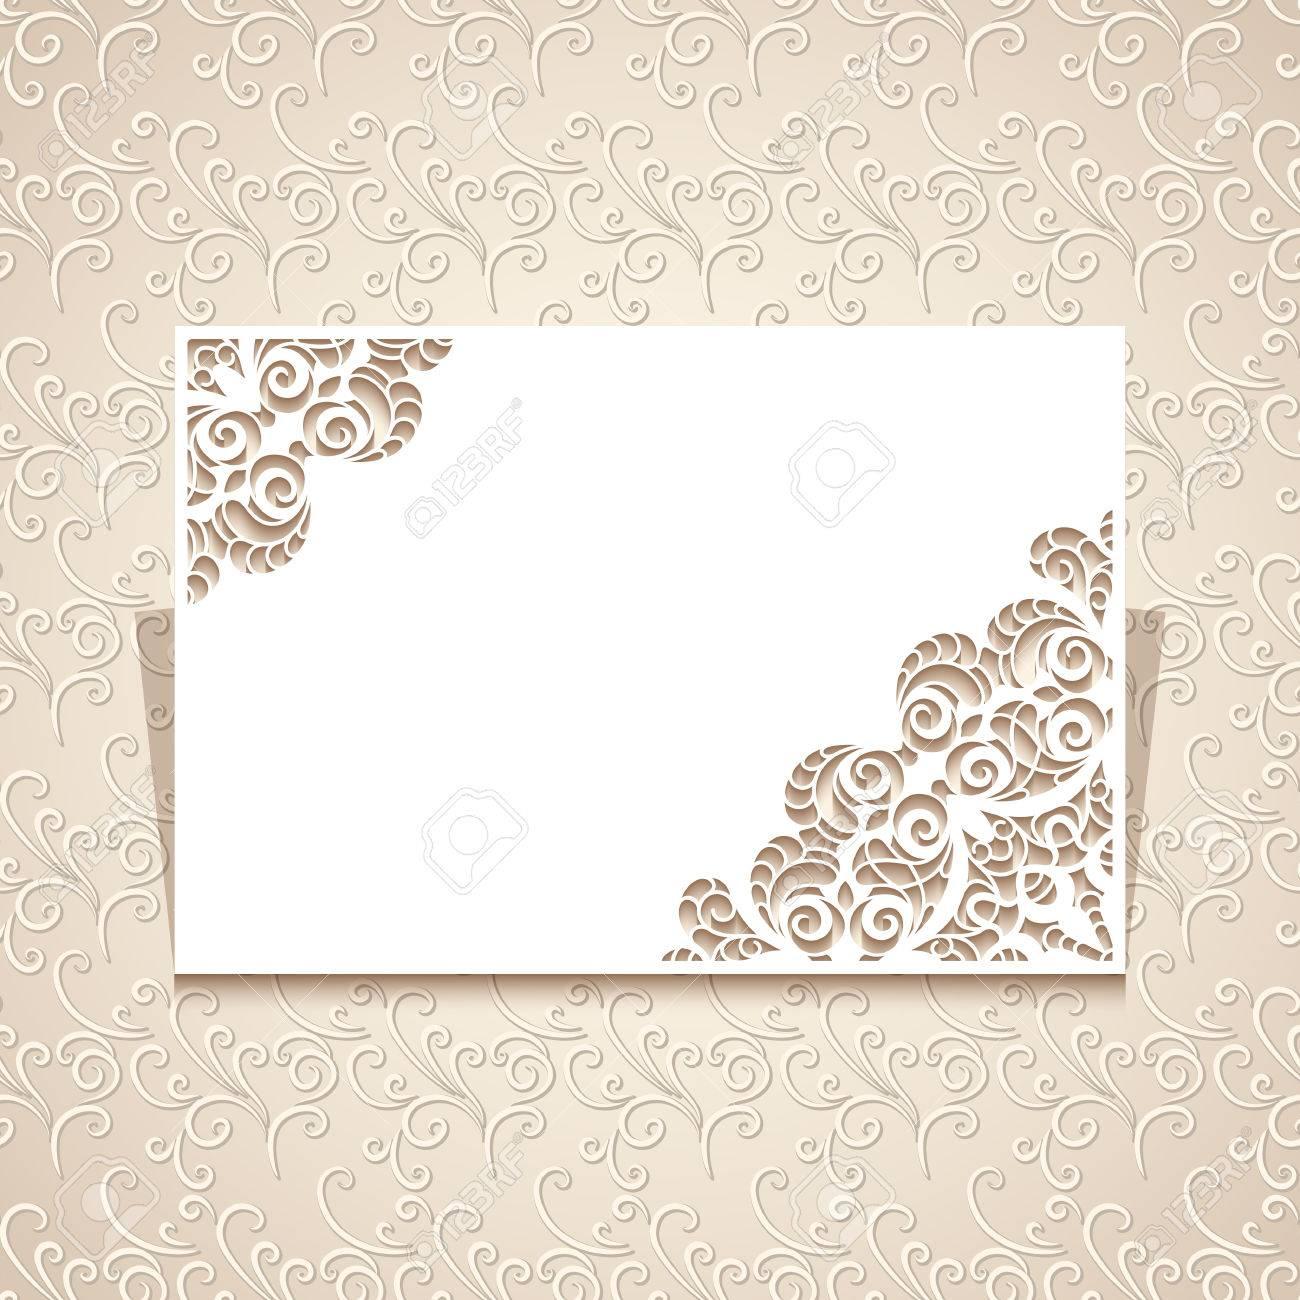 Rechteck-Ausschnitt Papier Rahmen Mit Ausschnitt Spitze Ecke ...